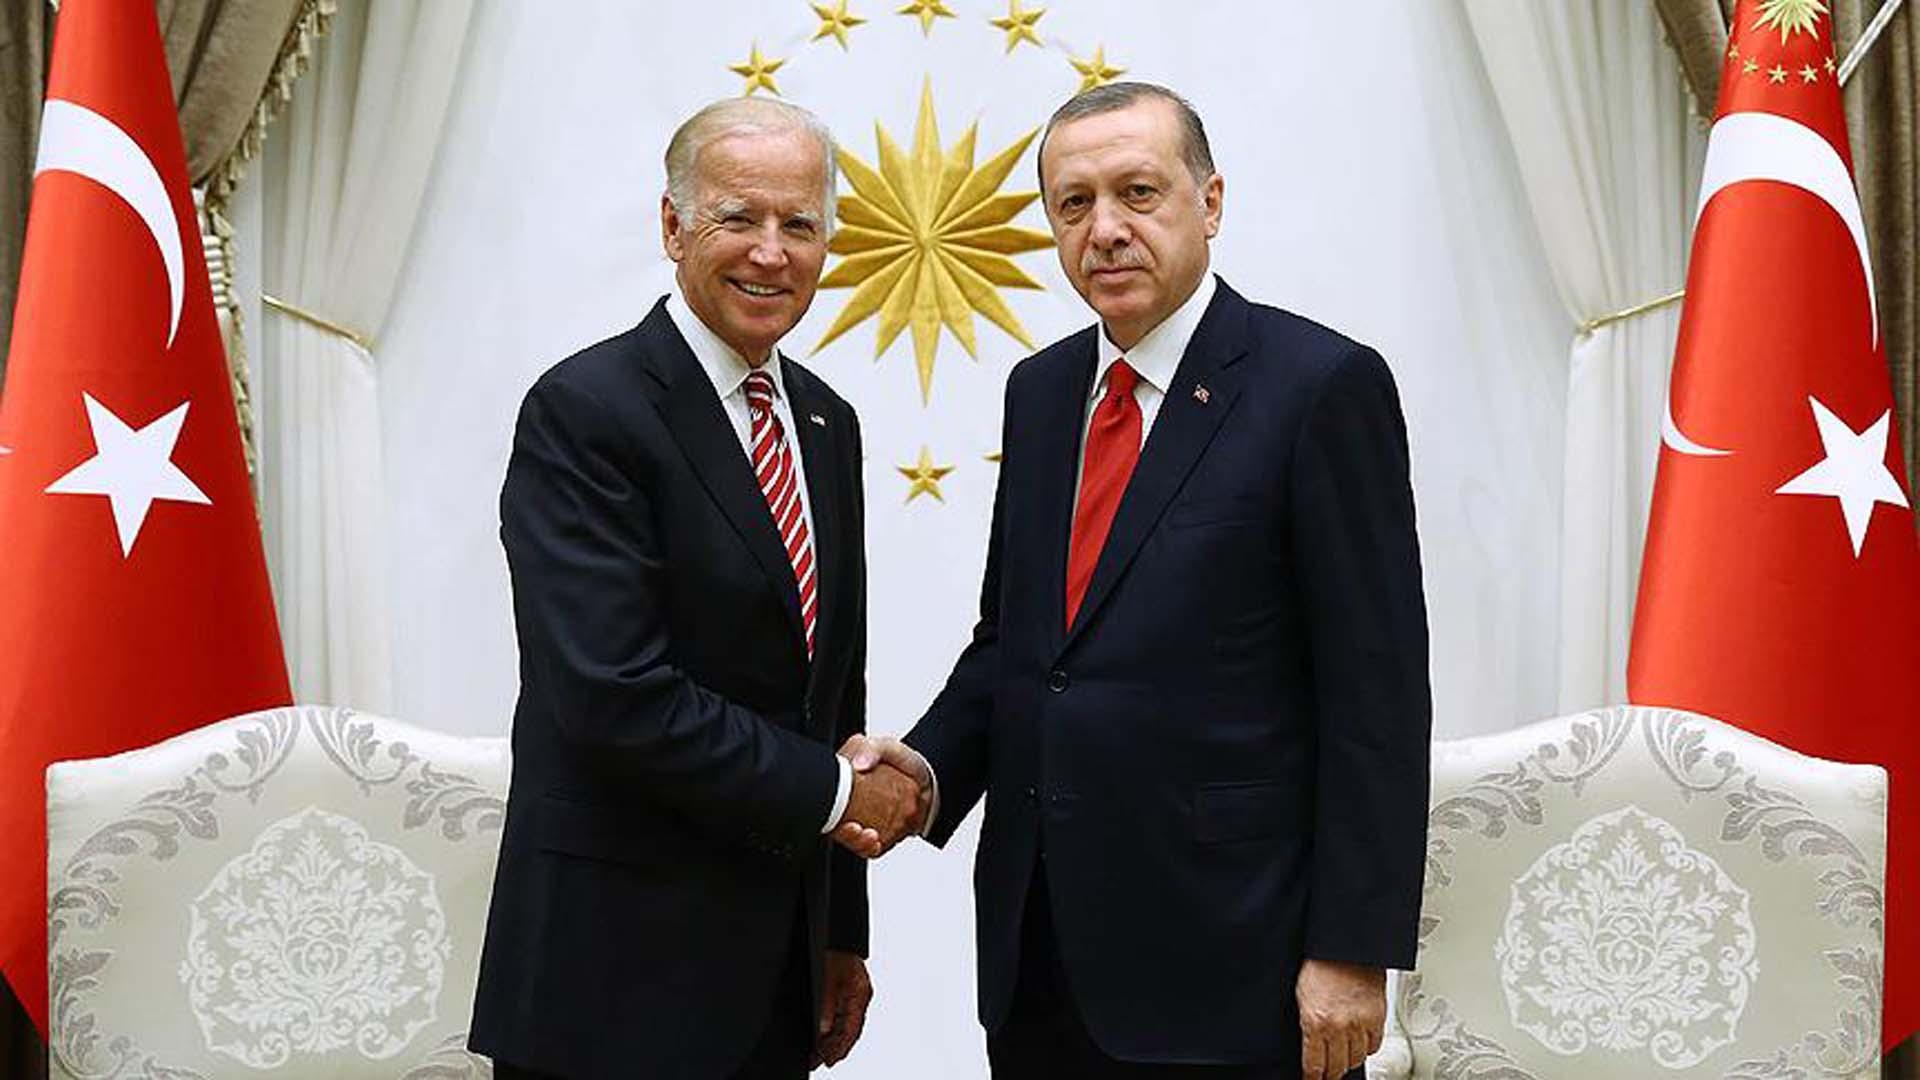 Son dakika | Cumhurbaşkanı Erdoğan, G-20 Liderler Zirvesi'nde ABD Başkanı Joe Biden ile görüşecek